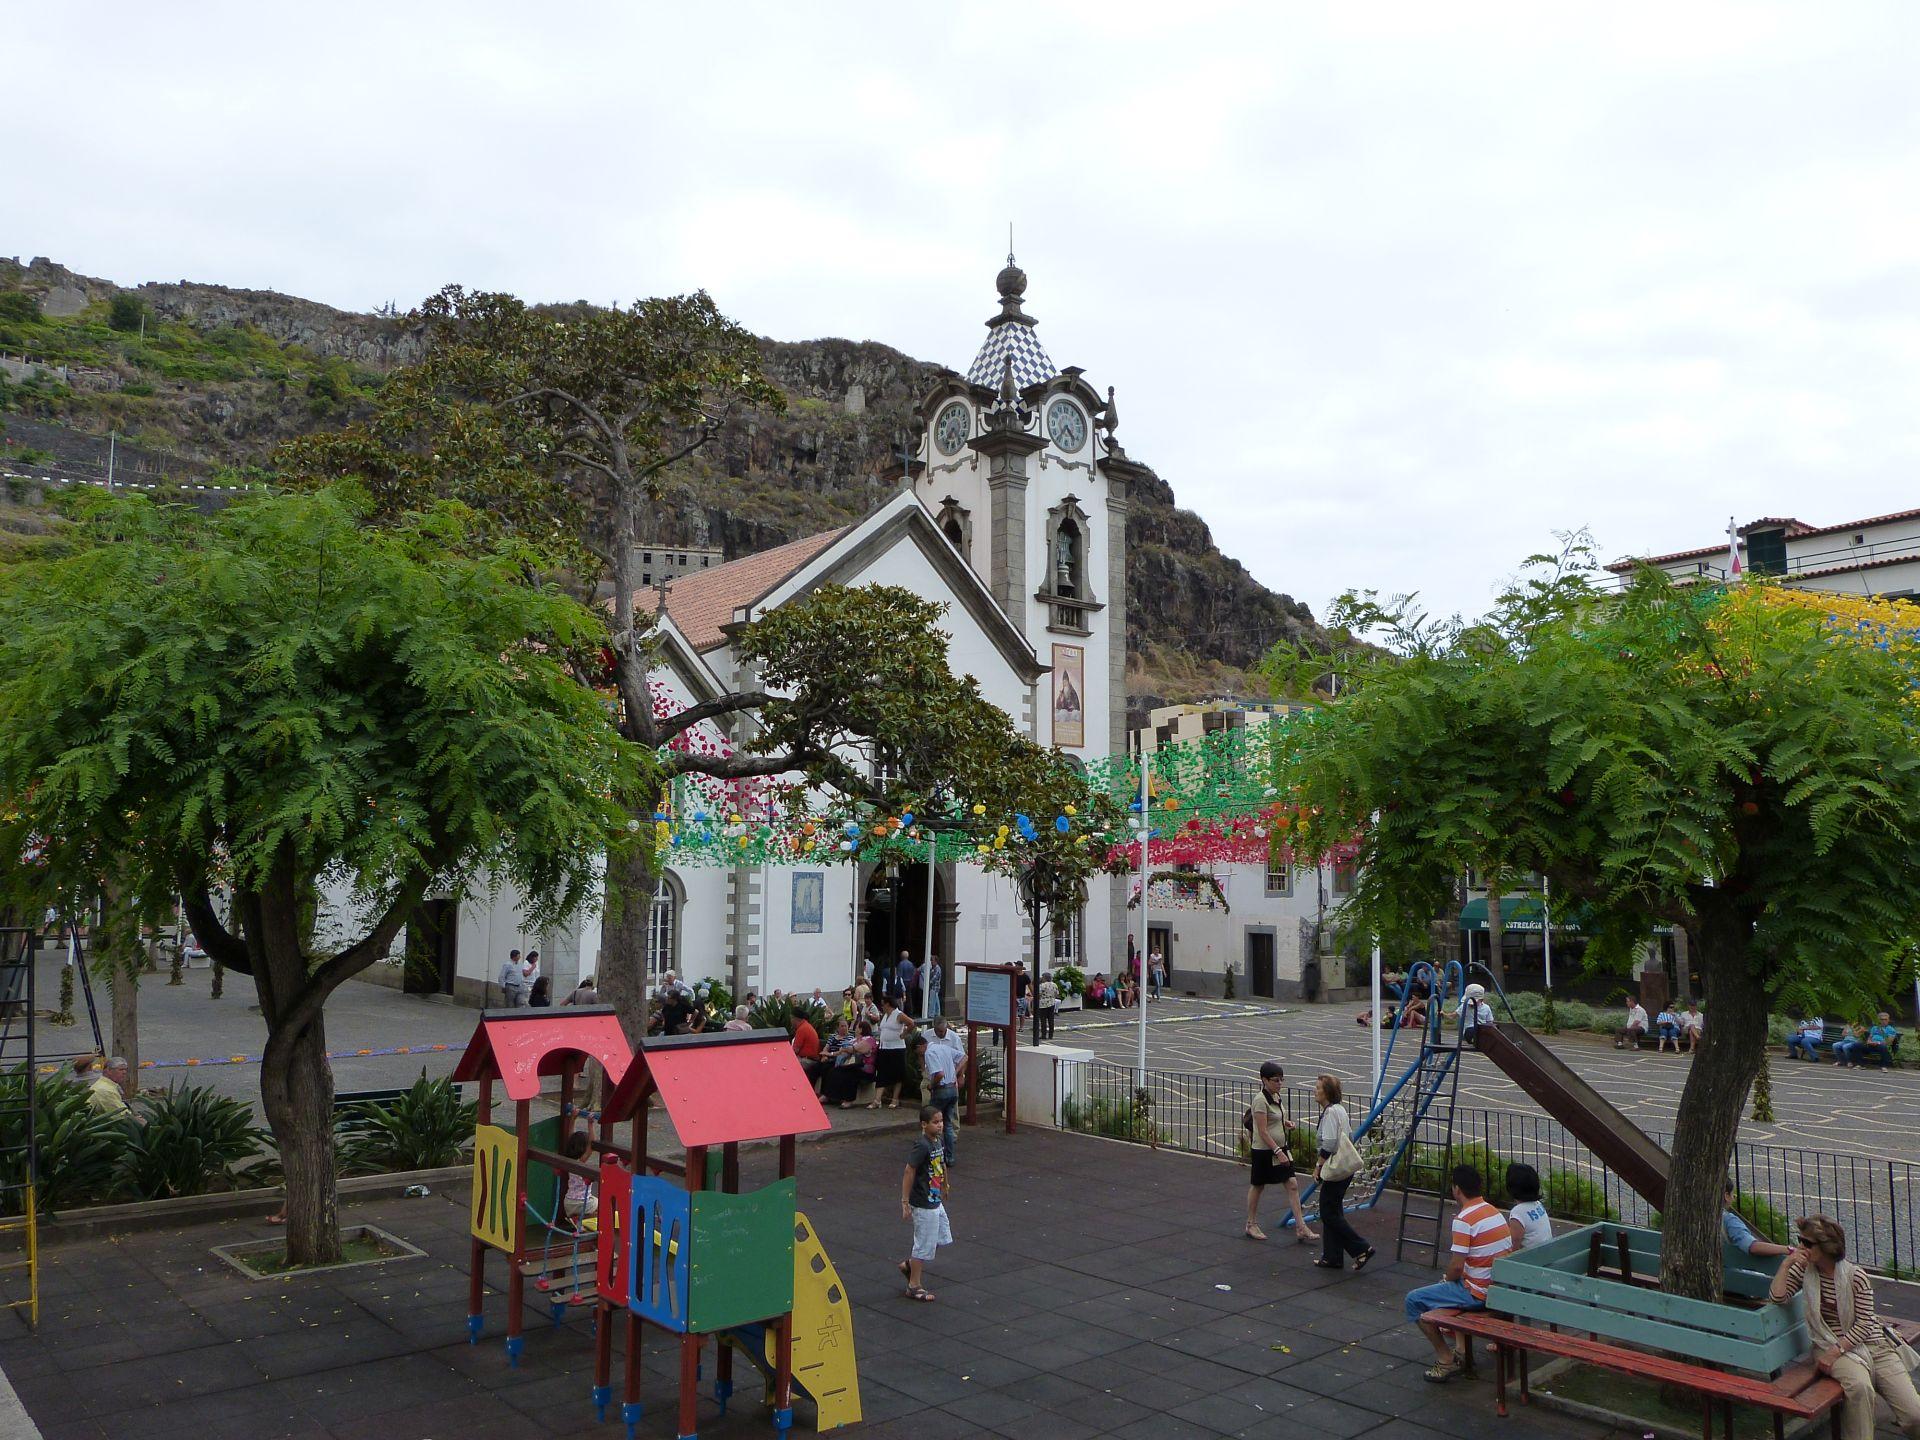 Blick auf die Kirche in Ribeira Brava